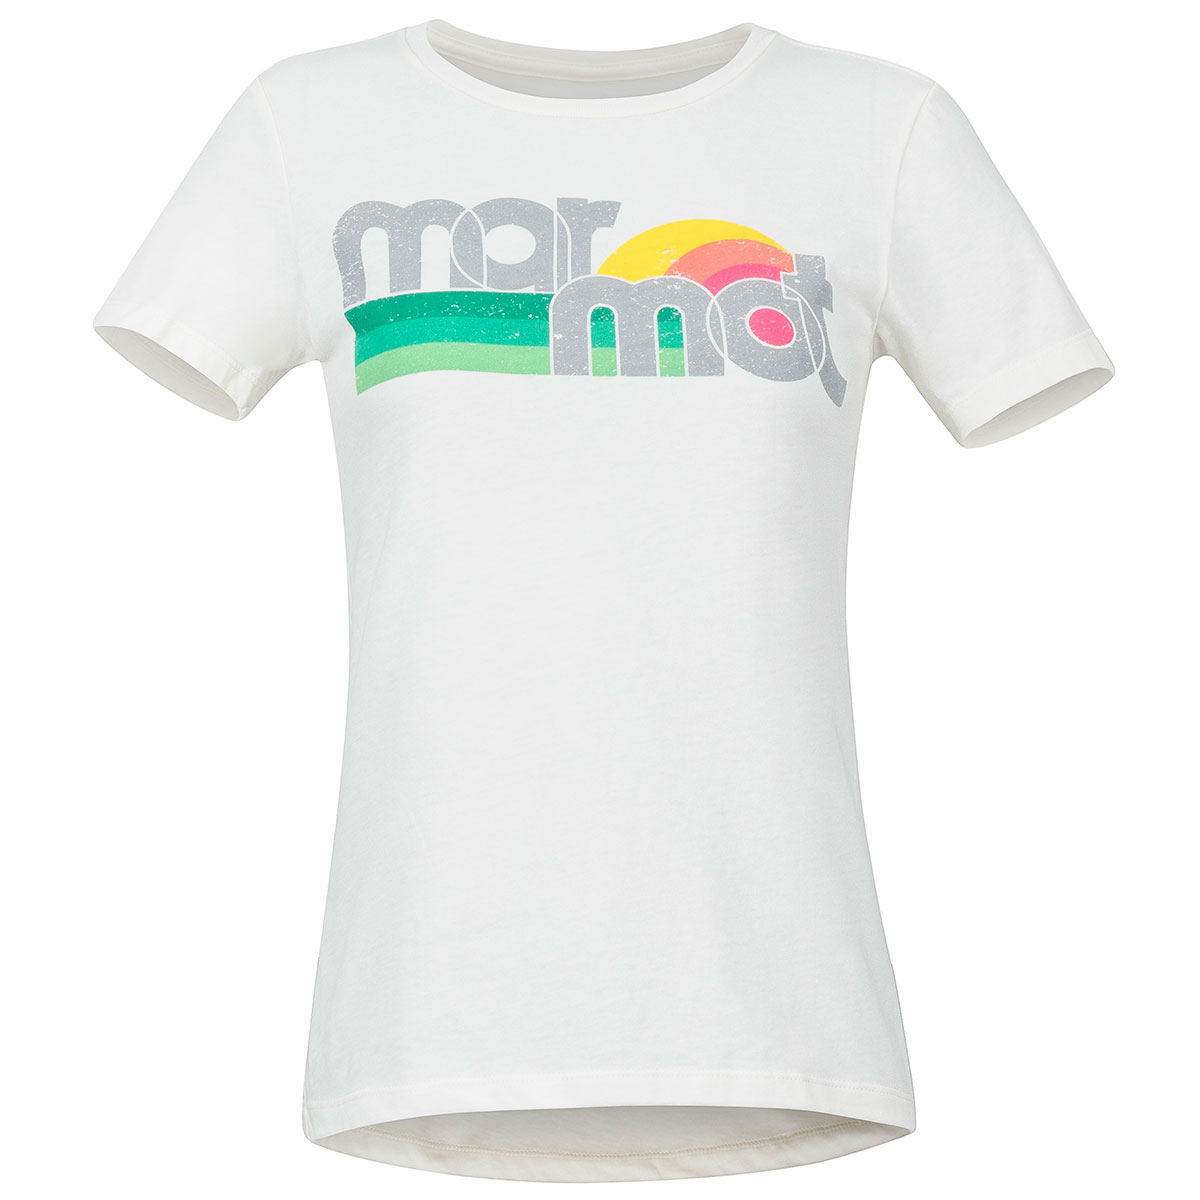 Marmot Women's Oceanside Short-Sleeve Tee - White, L